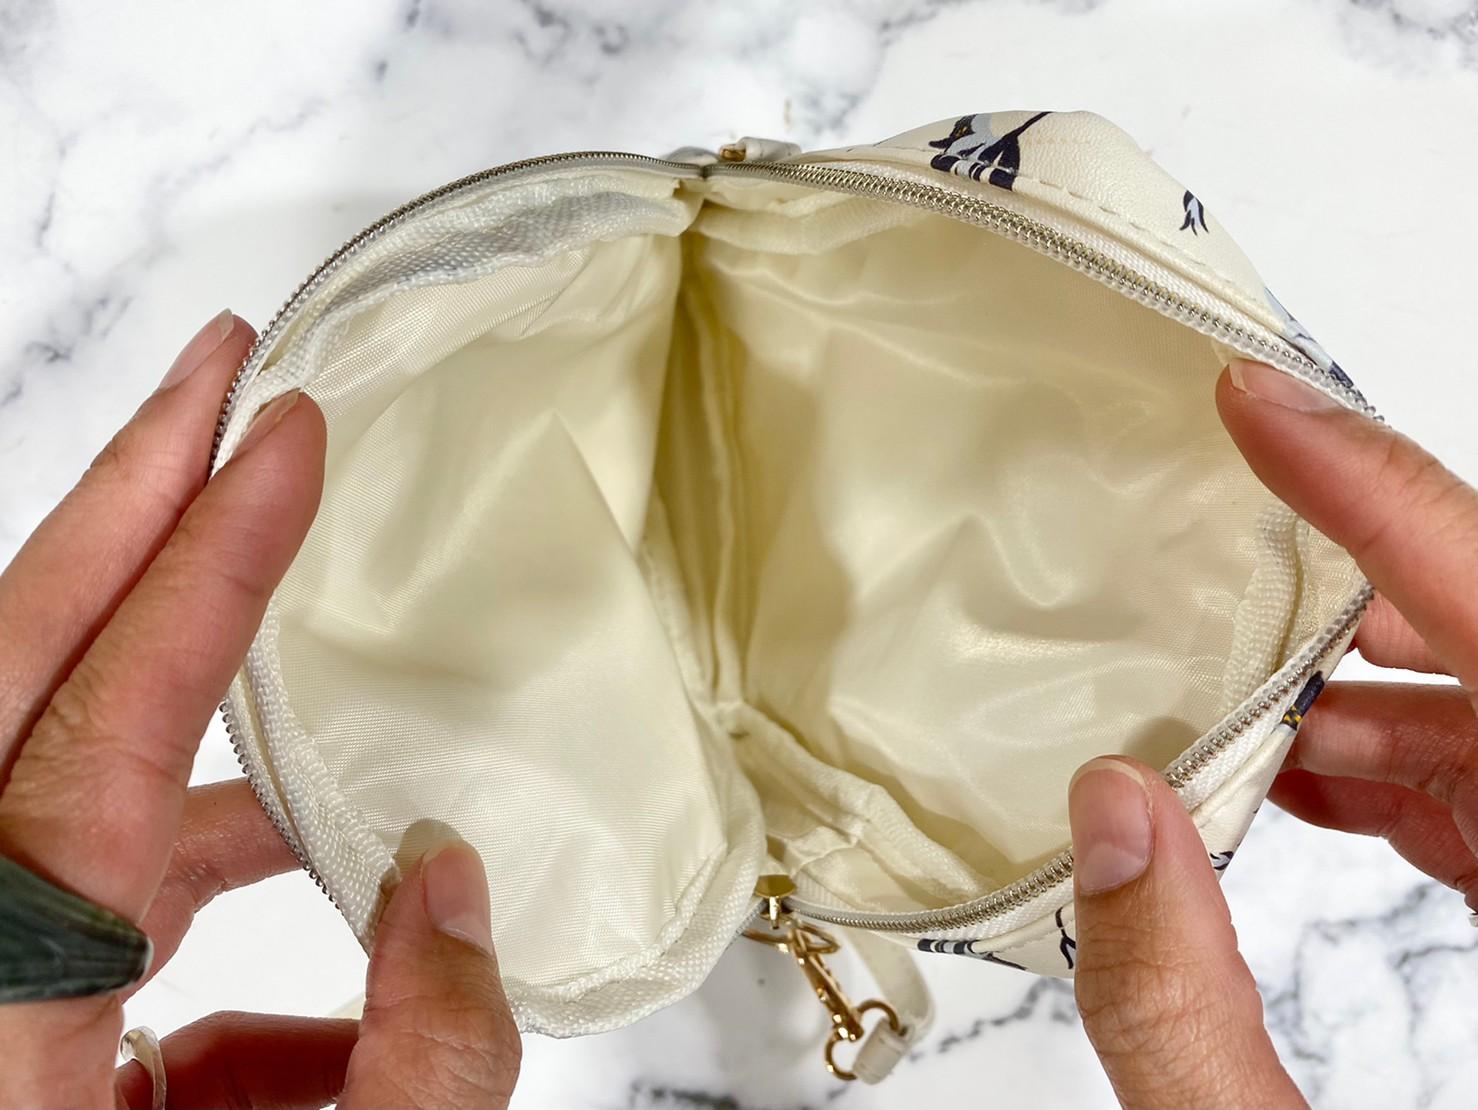 『花柄マルチポシェット』メインポケット部分の画像